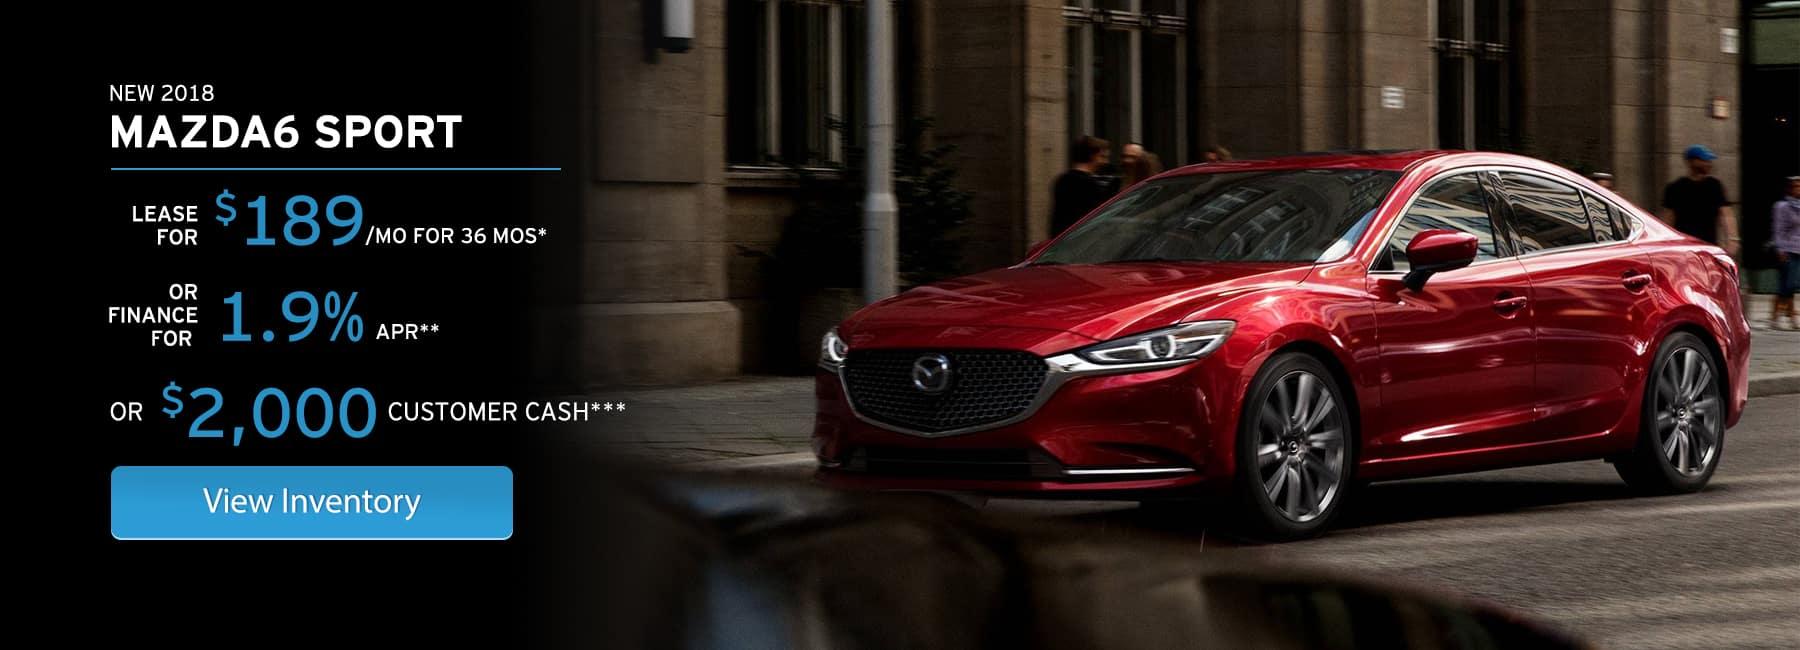 2018 Mazda6 Offer